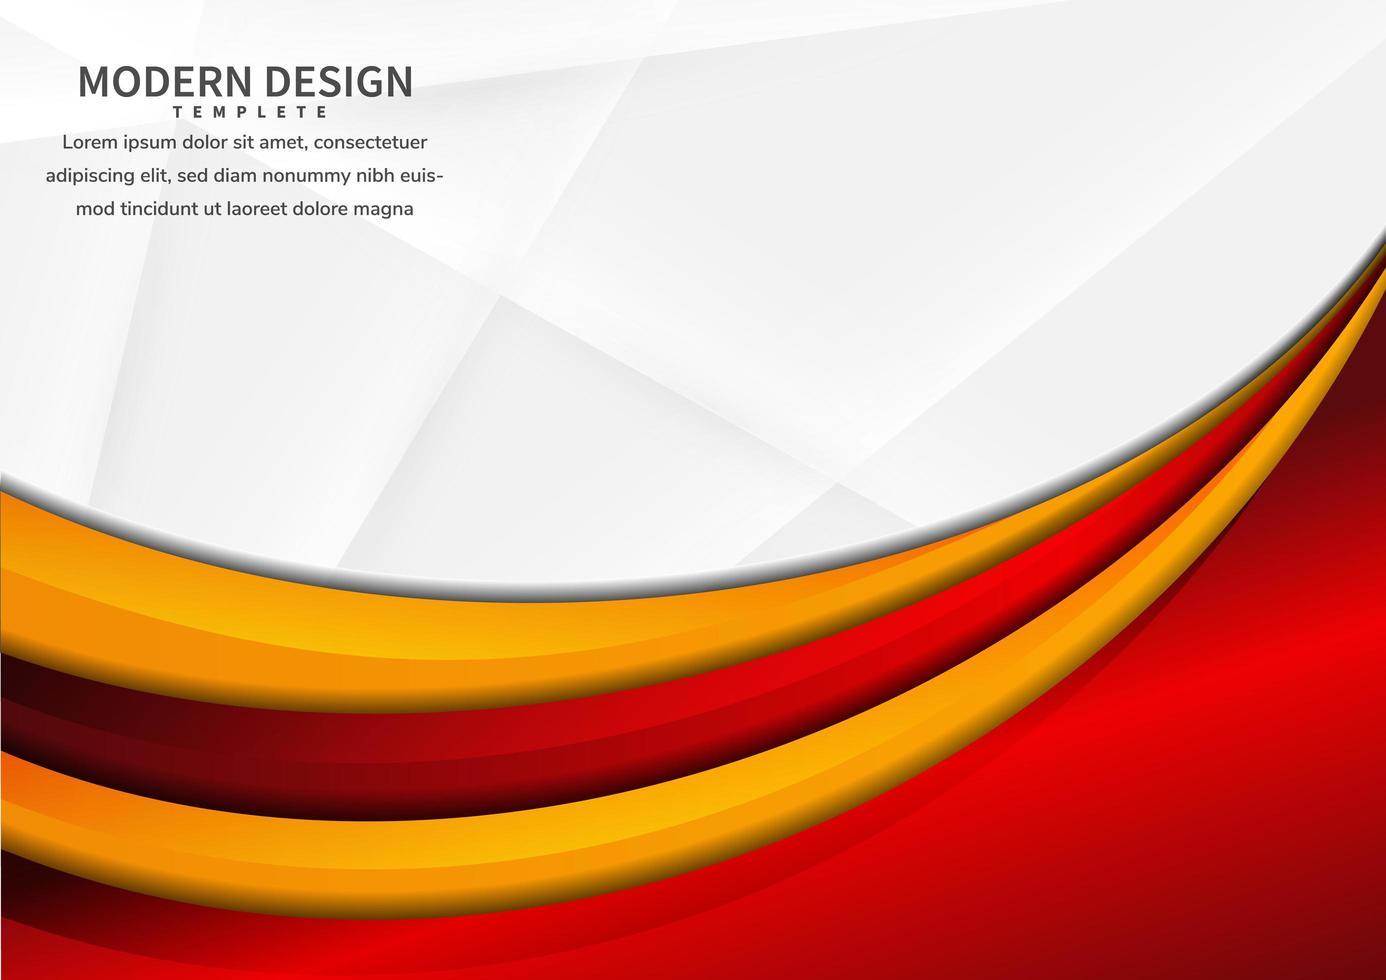 abstracte rode en gele levendige gebogen lagen die op wit overlappen vector